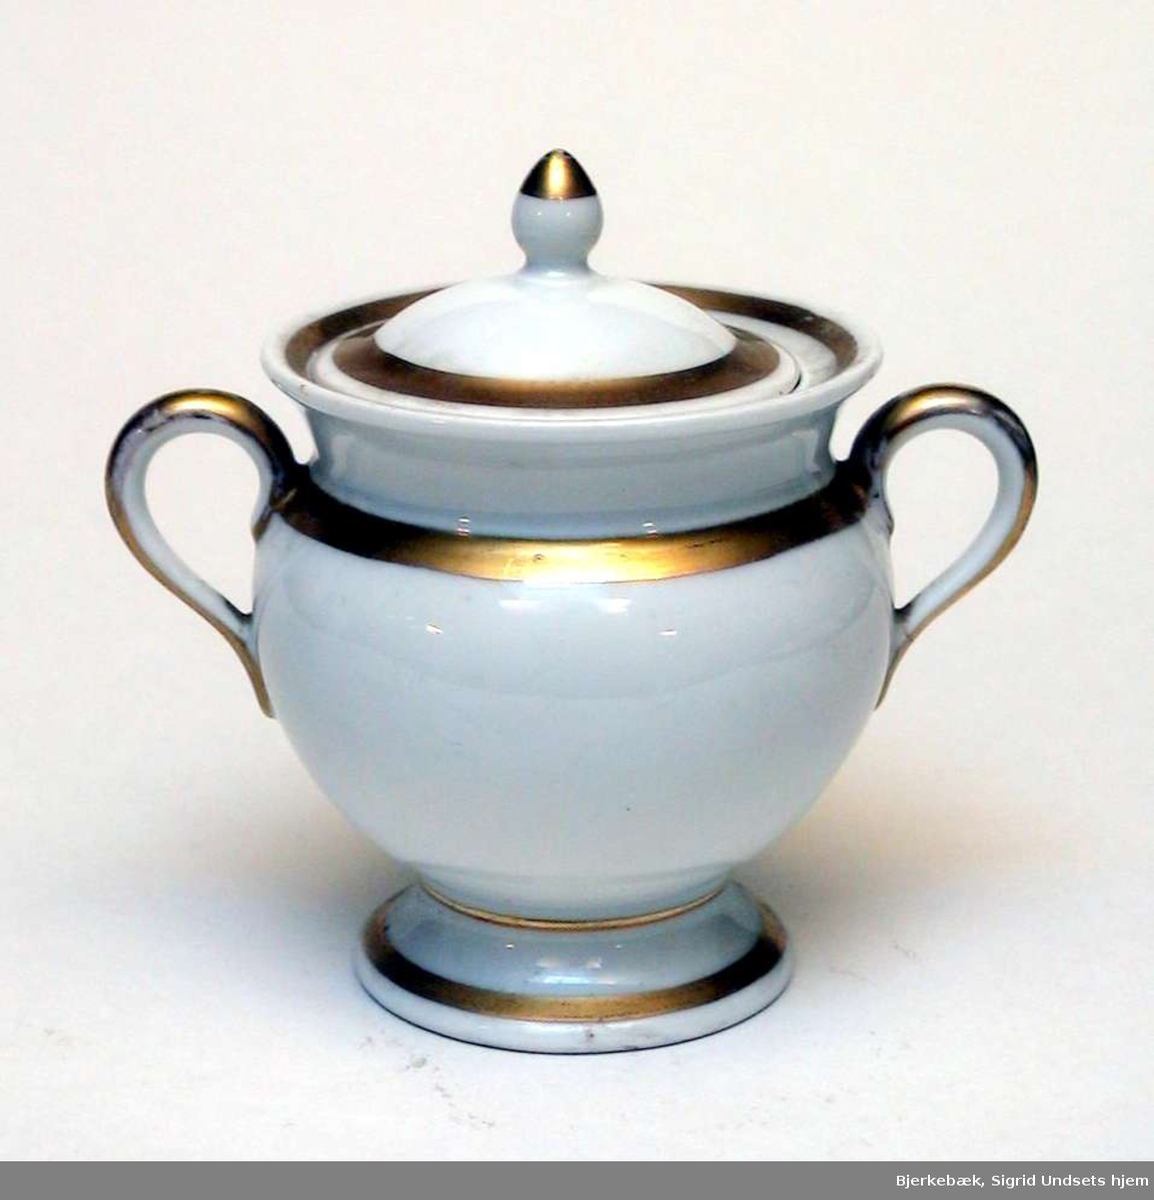 Sukkerkopp i hvit keramikk med forgylling. Den har lokk og to hanker. Fabrikkstempelet er Thomas, Bavaria.